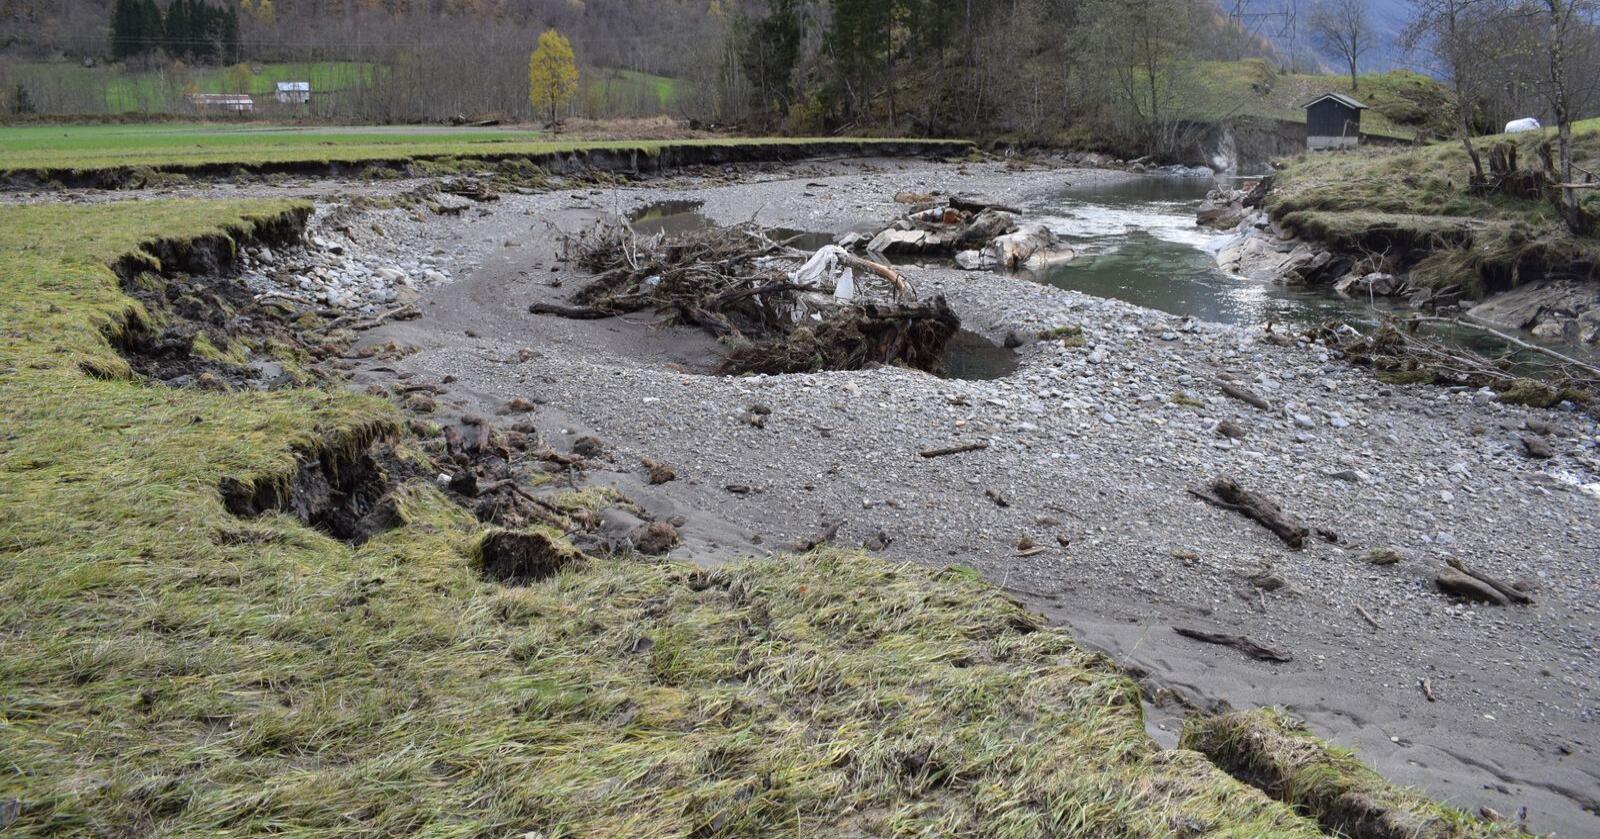 Garden til Jan Norvald Steig fikk store skadar da det var flom i Fortumsdalen i Luster helga i oktober 2018. (Foto: Arne Øyen)